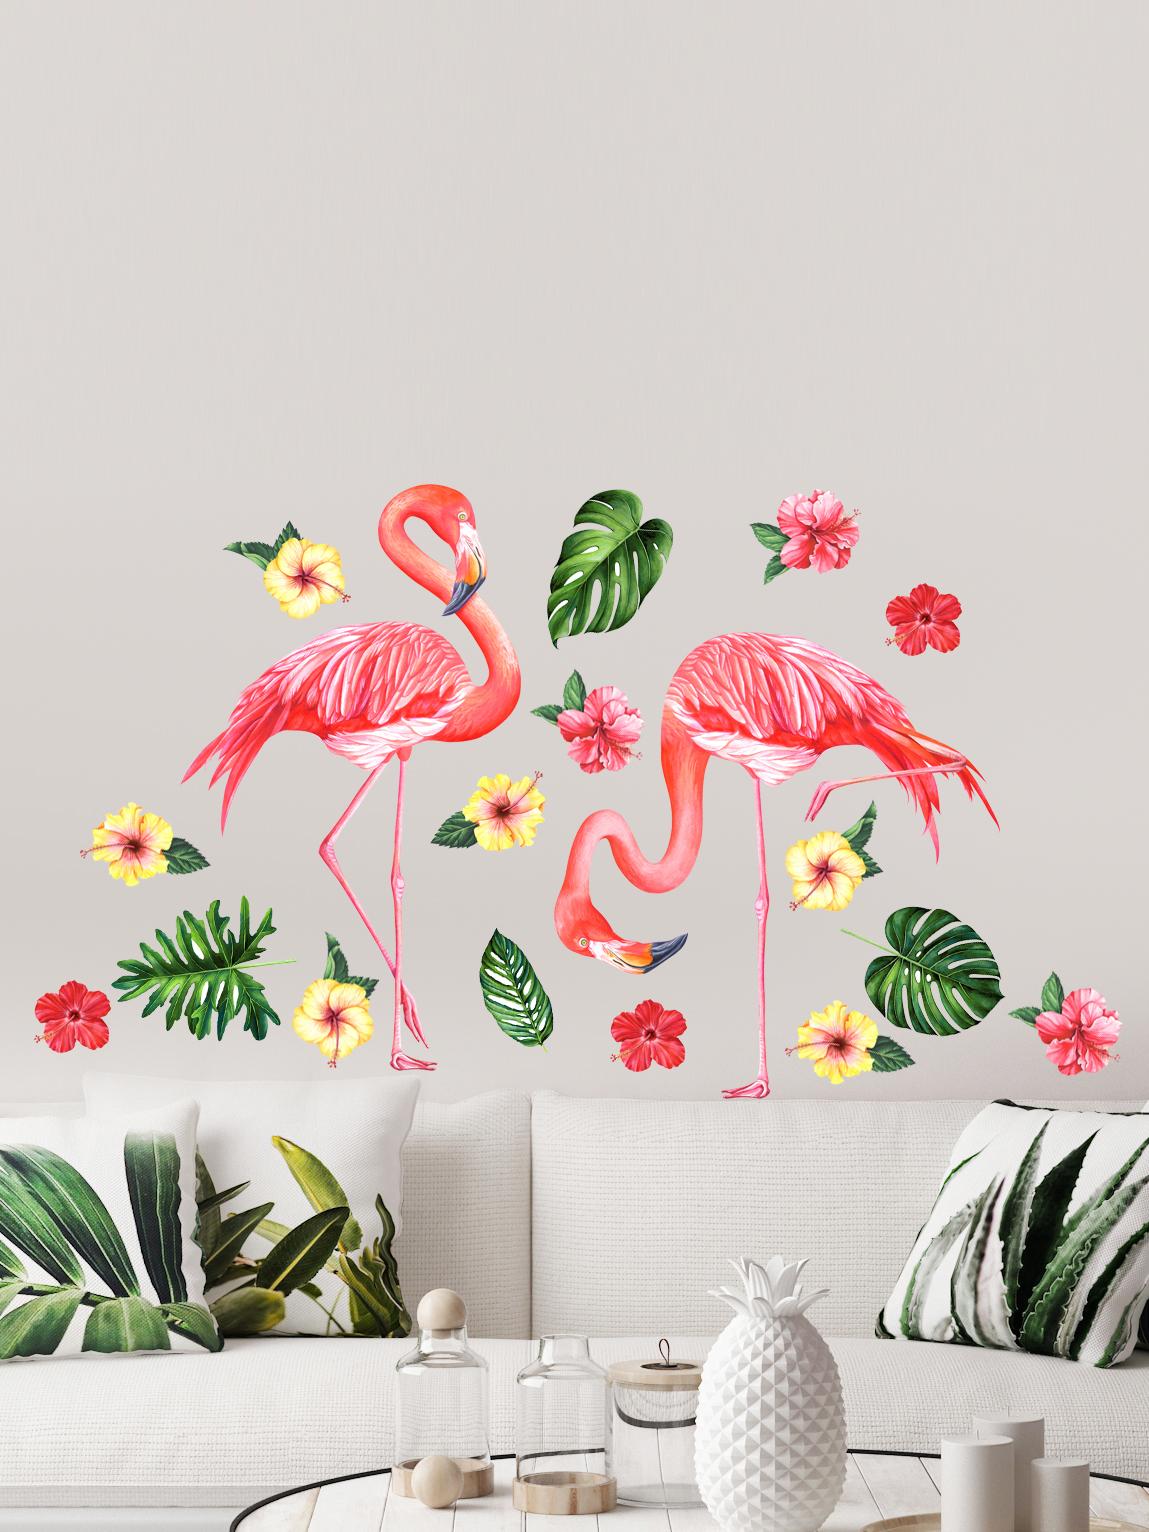 """Наклейки Galerys IS014, коралловый, желтый, зеленыйIS014Украсьте свой интерьер изображениями удивительных и изящных фламинго, красноречиво именуемых """"птицами утренней зари"""". Их утонченная красота завораживает взгляд, гармоничные изгибы и движения неподражаемы, а цвет - великолепен! Такая композиция станет не только источником вдохновения, но и подчеркнёт ваш изысканный вкус.Наклейки добавят уюта и ярких красок в любом помещении. Матовая поверхность пленки уменьшает блики и делает изображение более четким. Все изображения вырезаны по контуру."""